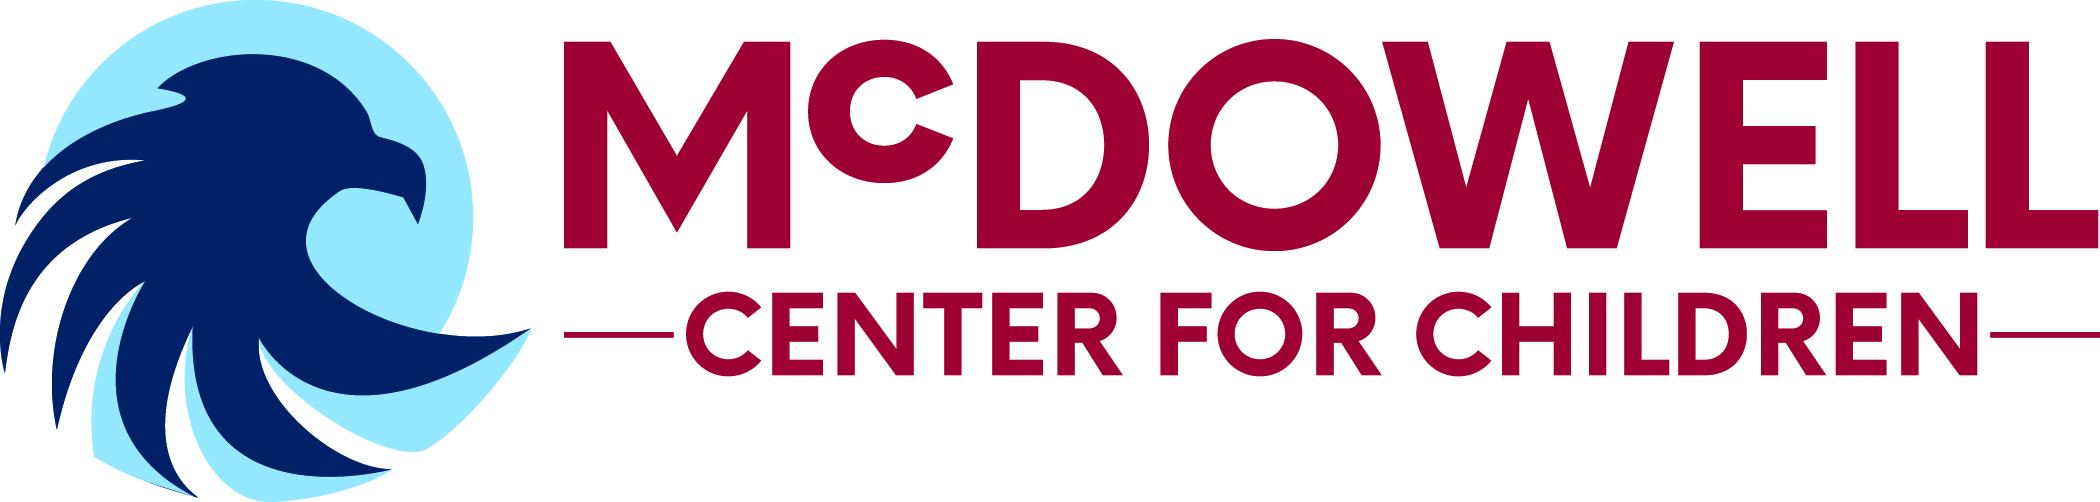 McDowell Center for Children